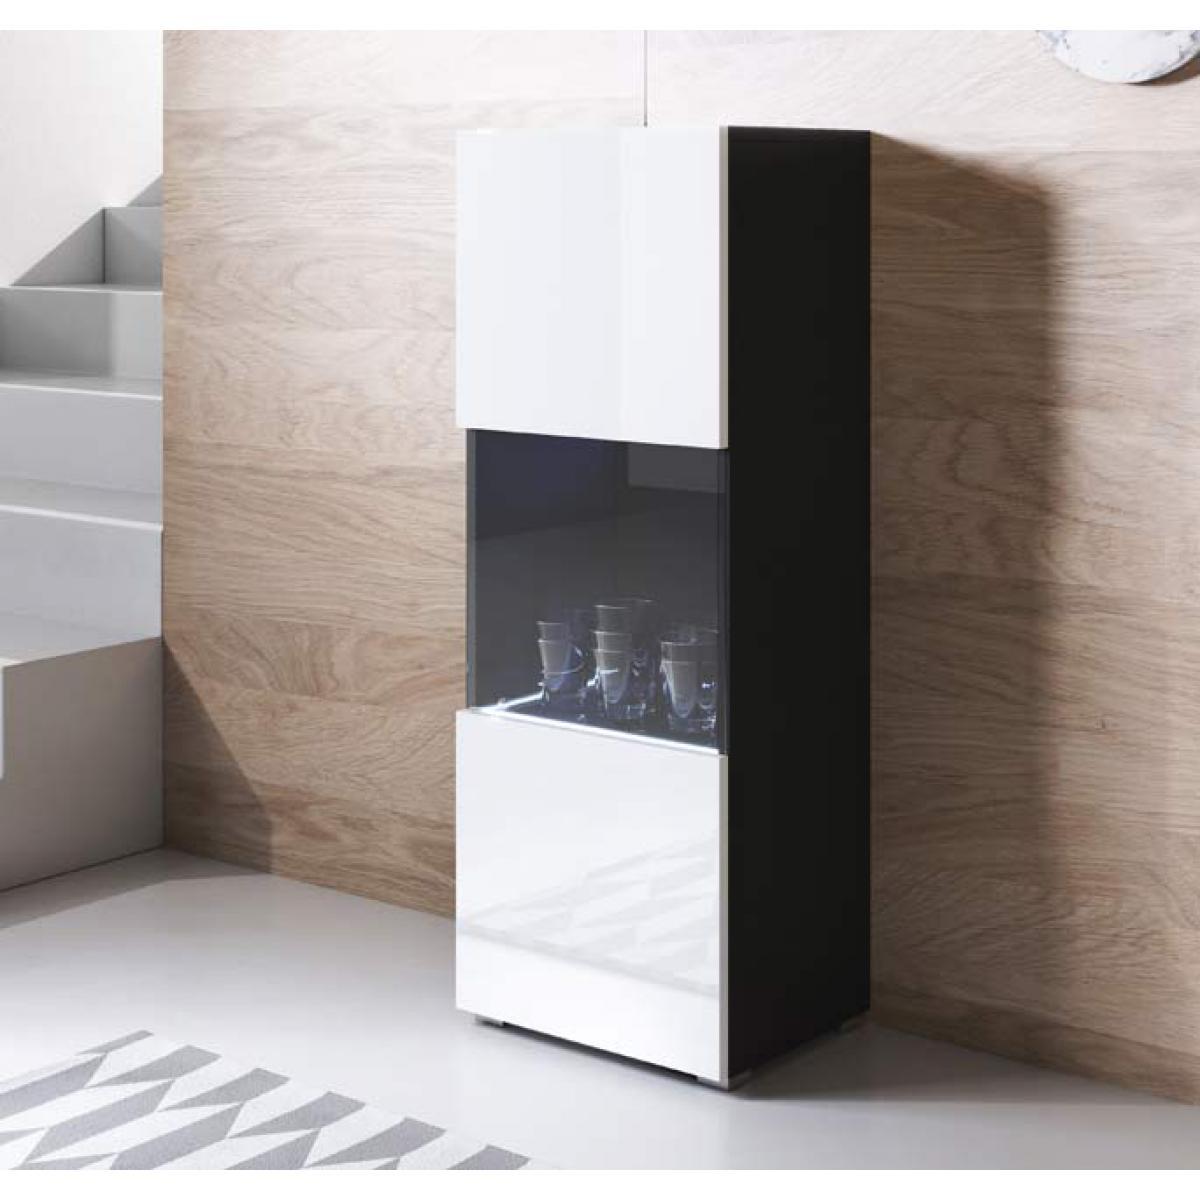 Design Ameublement Vitrine modèle Luke V3 (40x128cm) couleur noir et blanc avec pieds standard